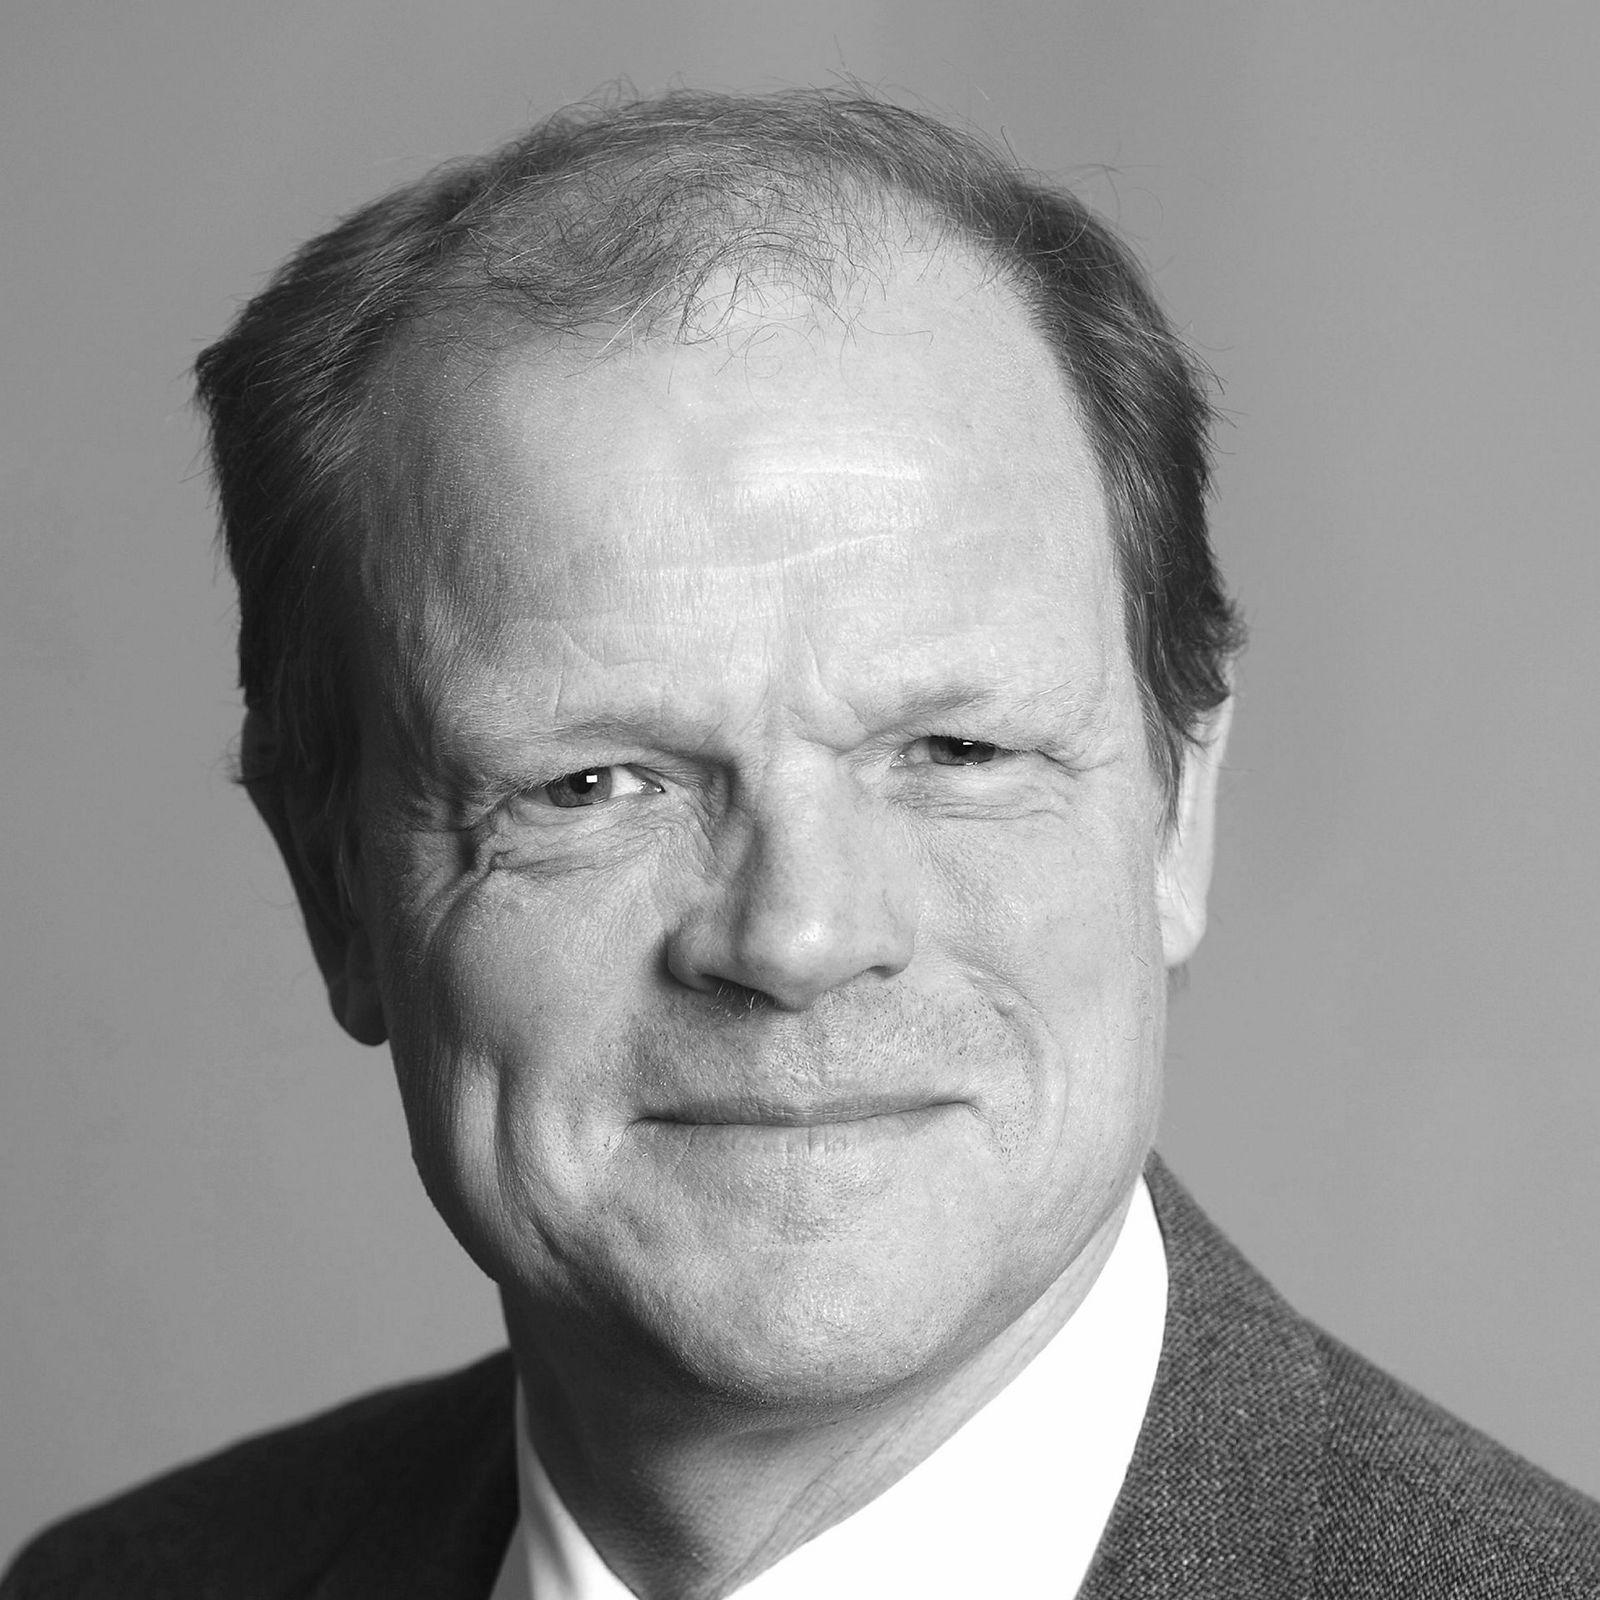 Gunnar Eskeland